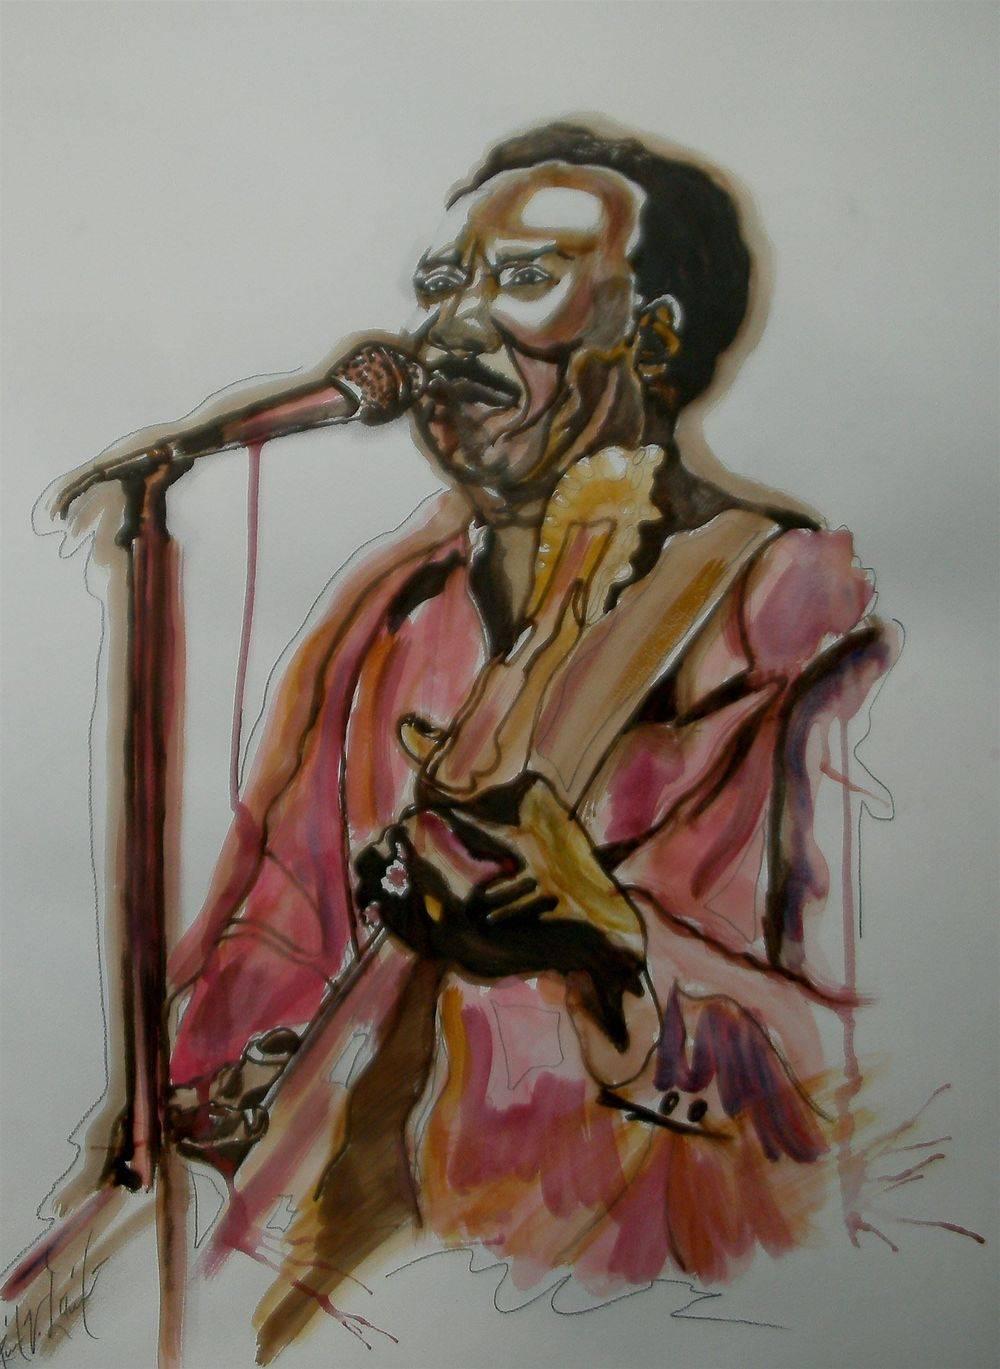 Muddy : Muddy Waters, Jazz